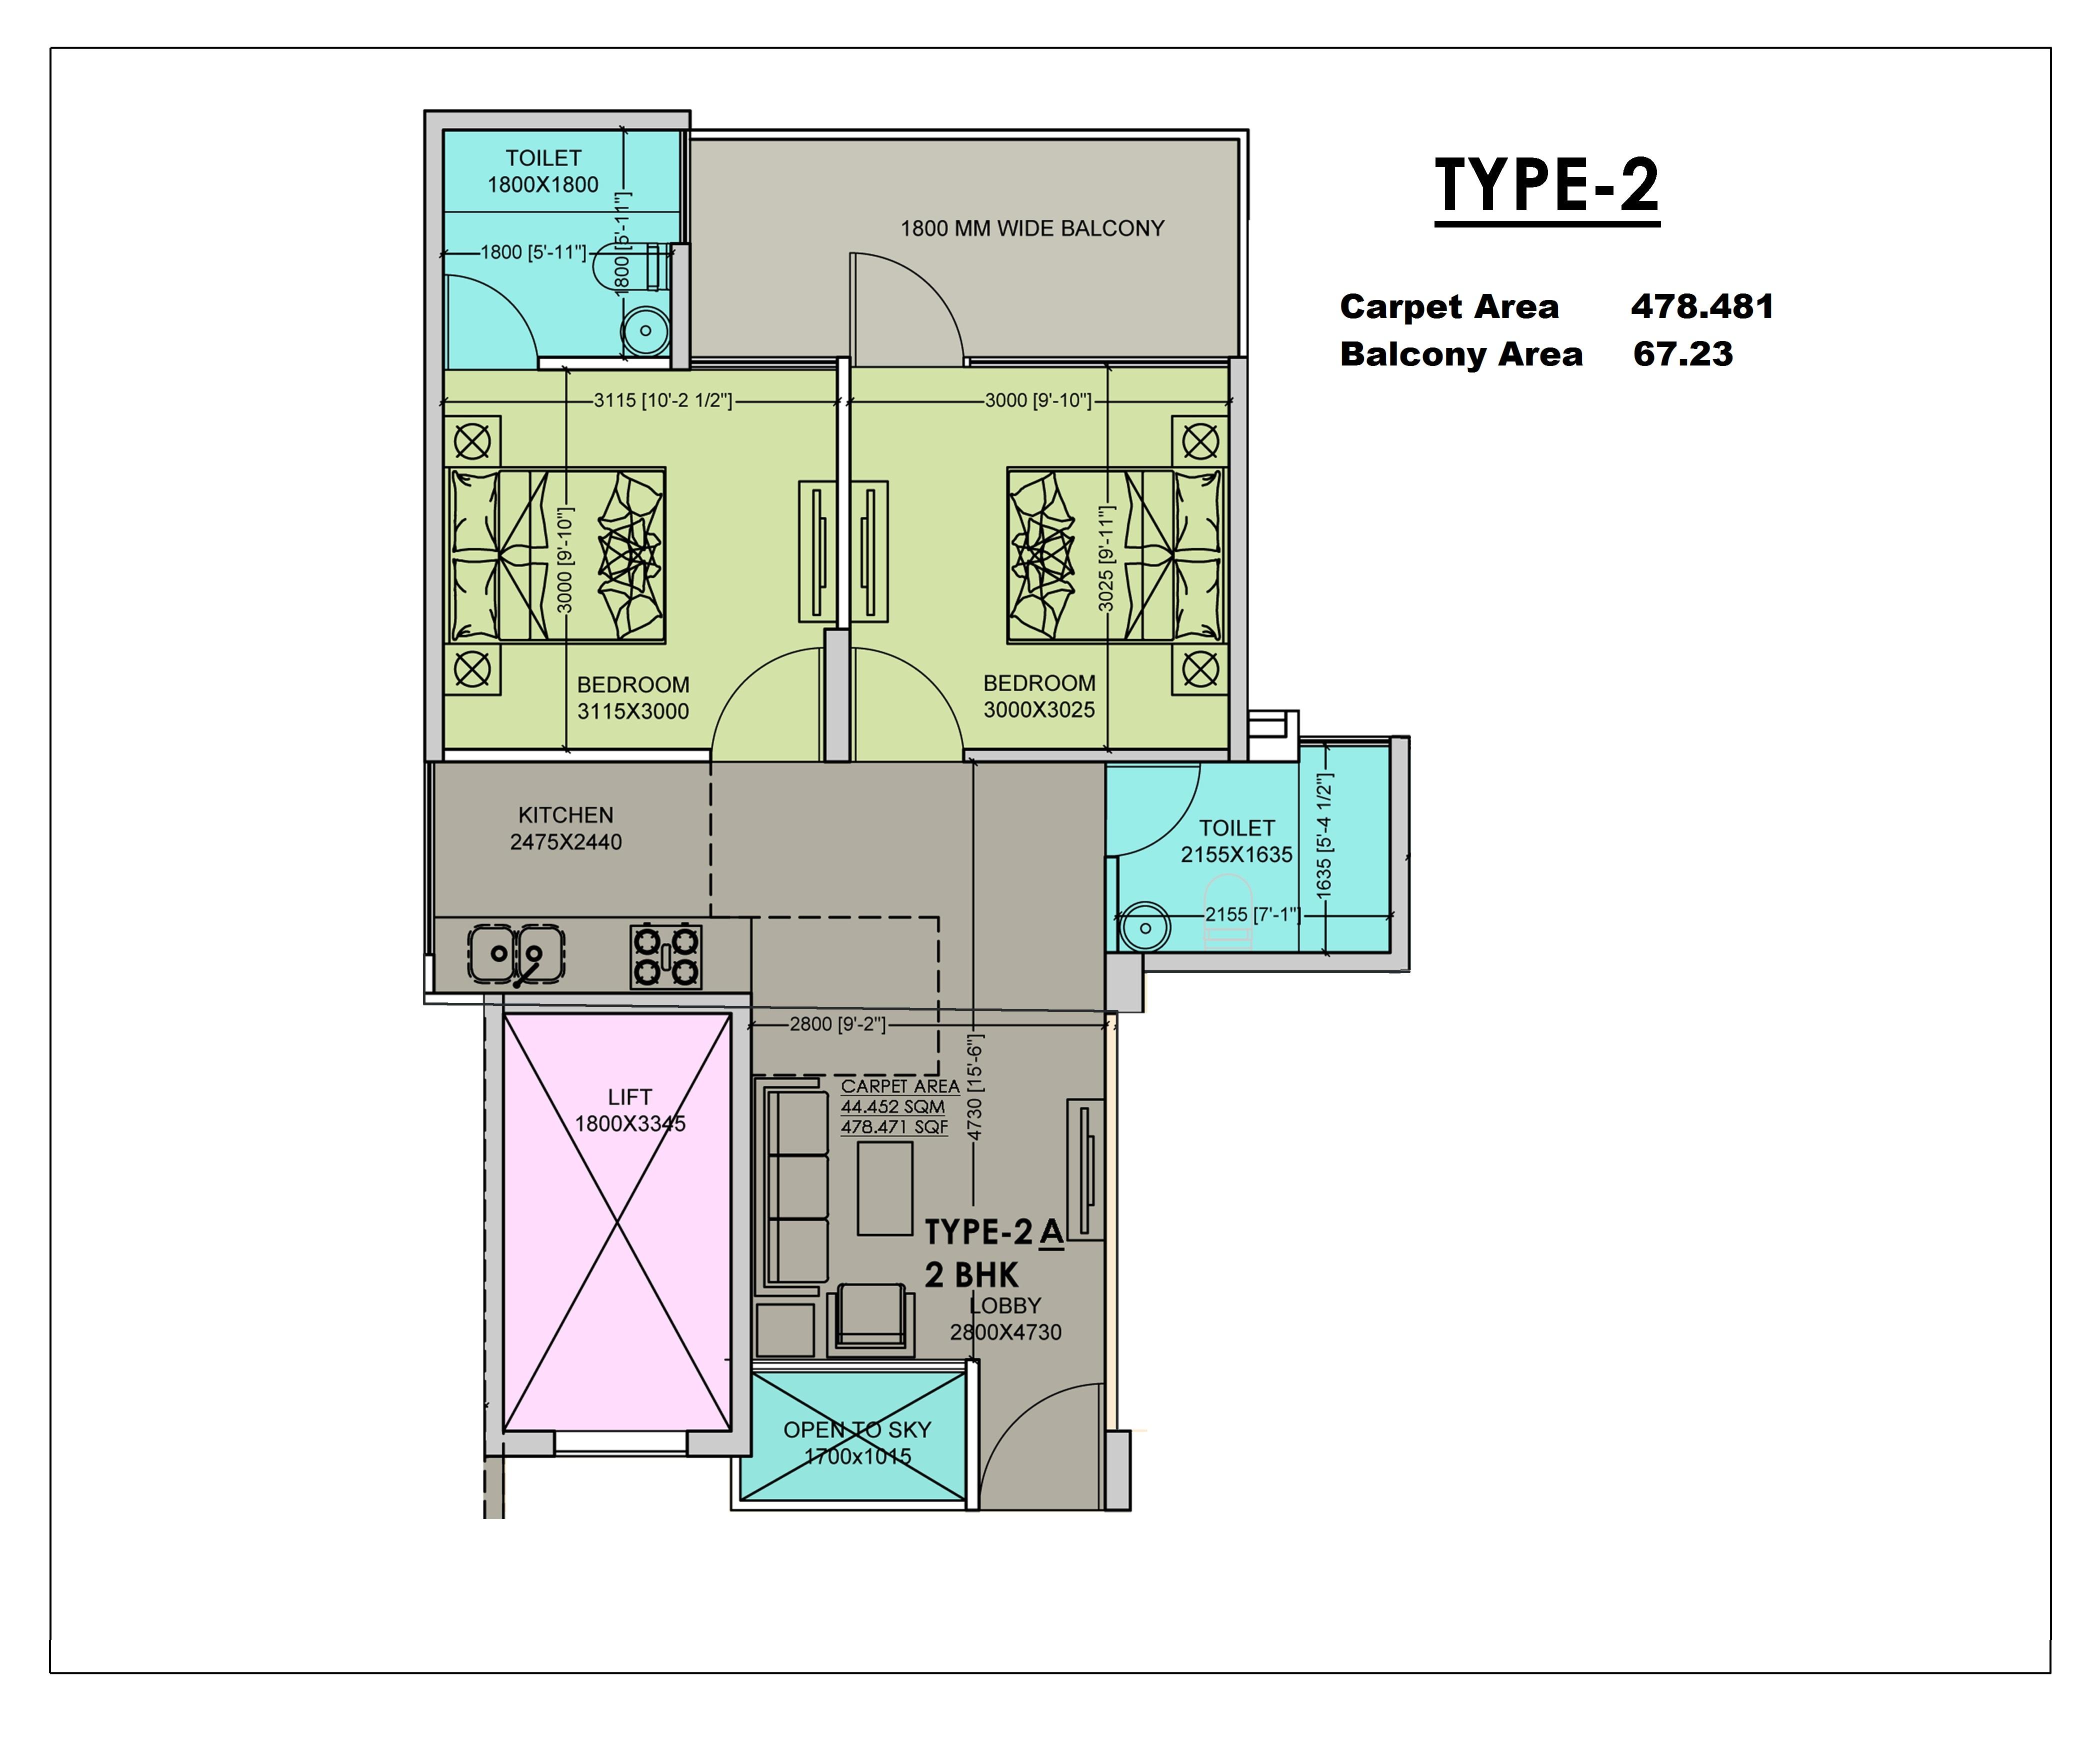 2 BHK Type 2 Layout Plan